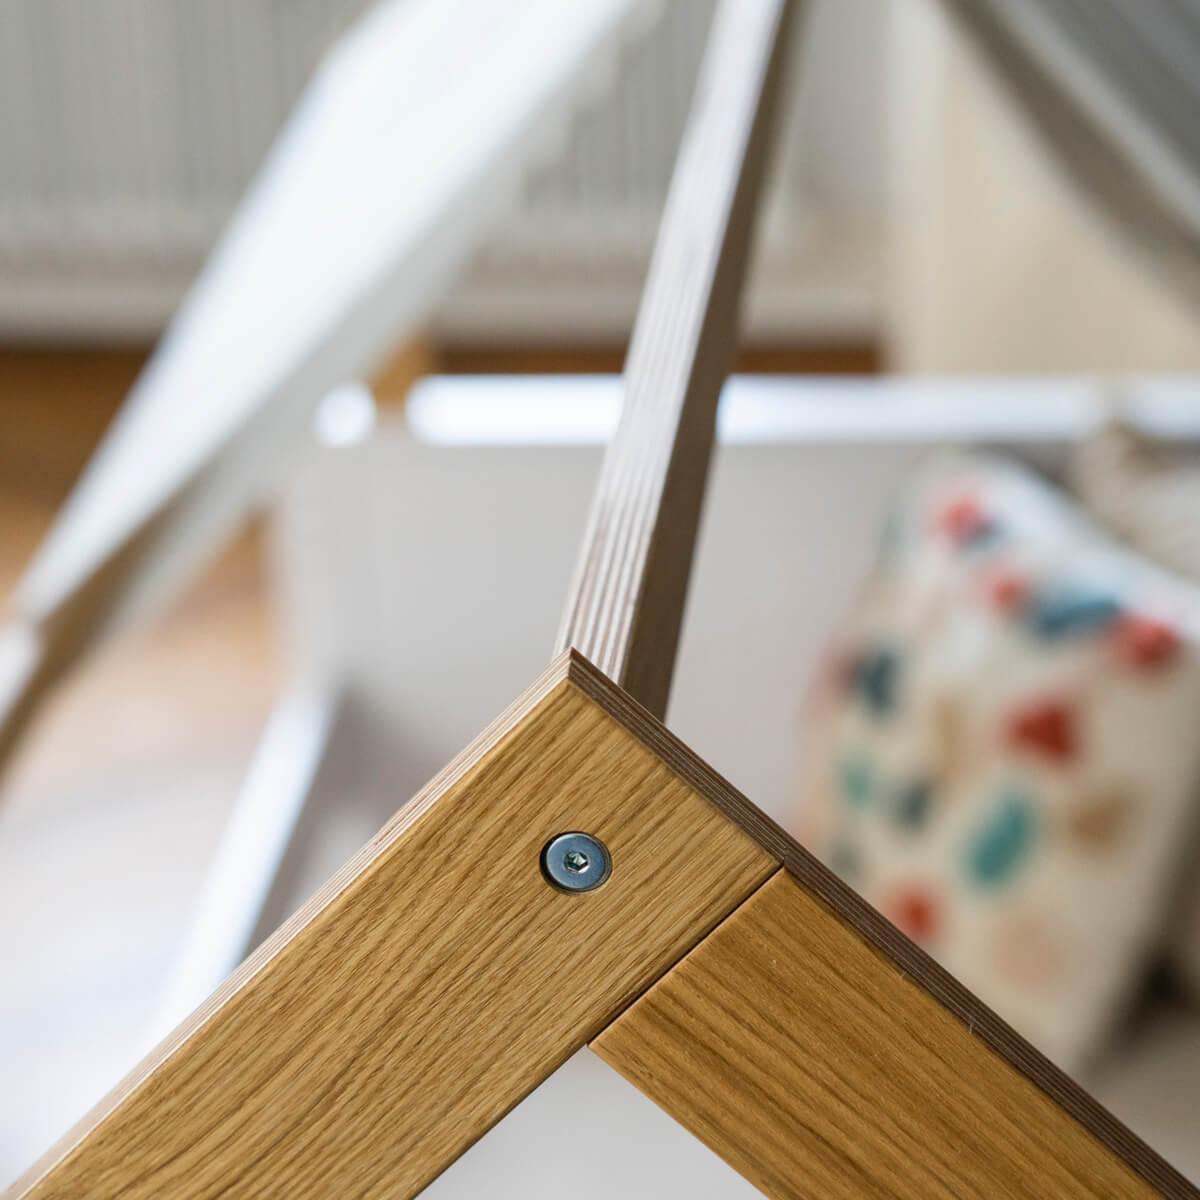 Liege-Dach bodentief-Fallschutz niedrig KASVA Buche massiv weiß-lackiert Eiche furniert-geölt